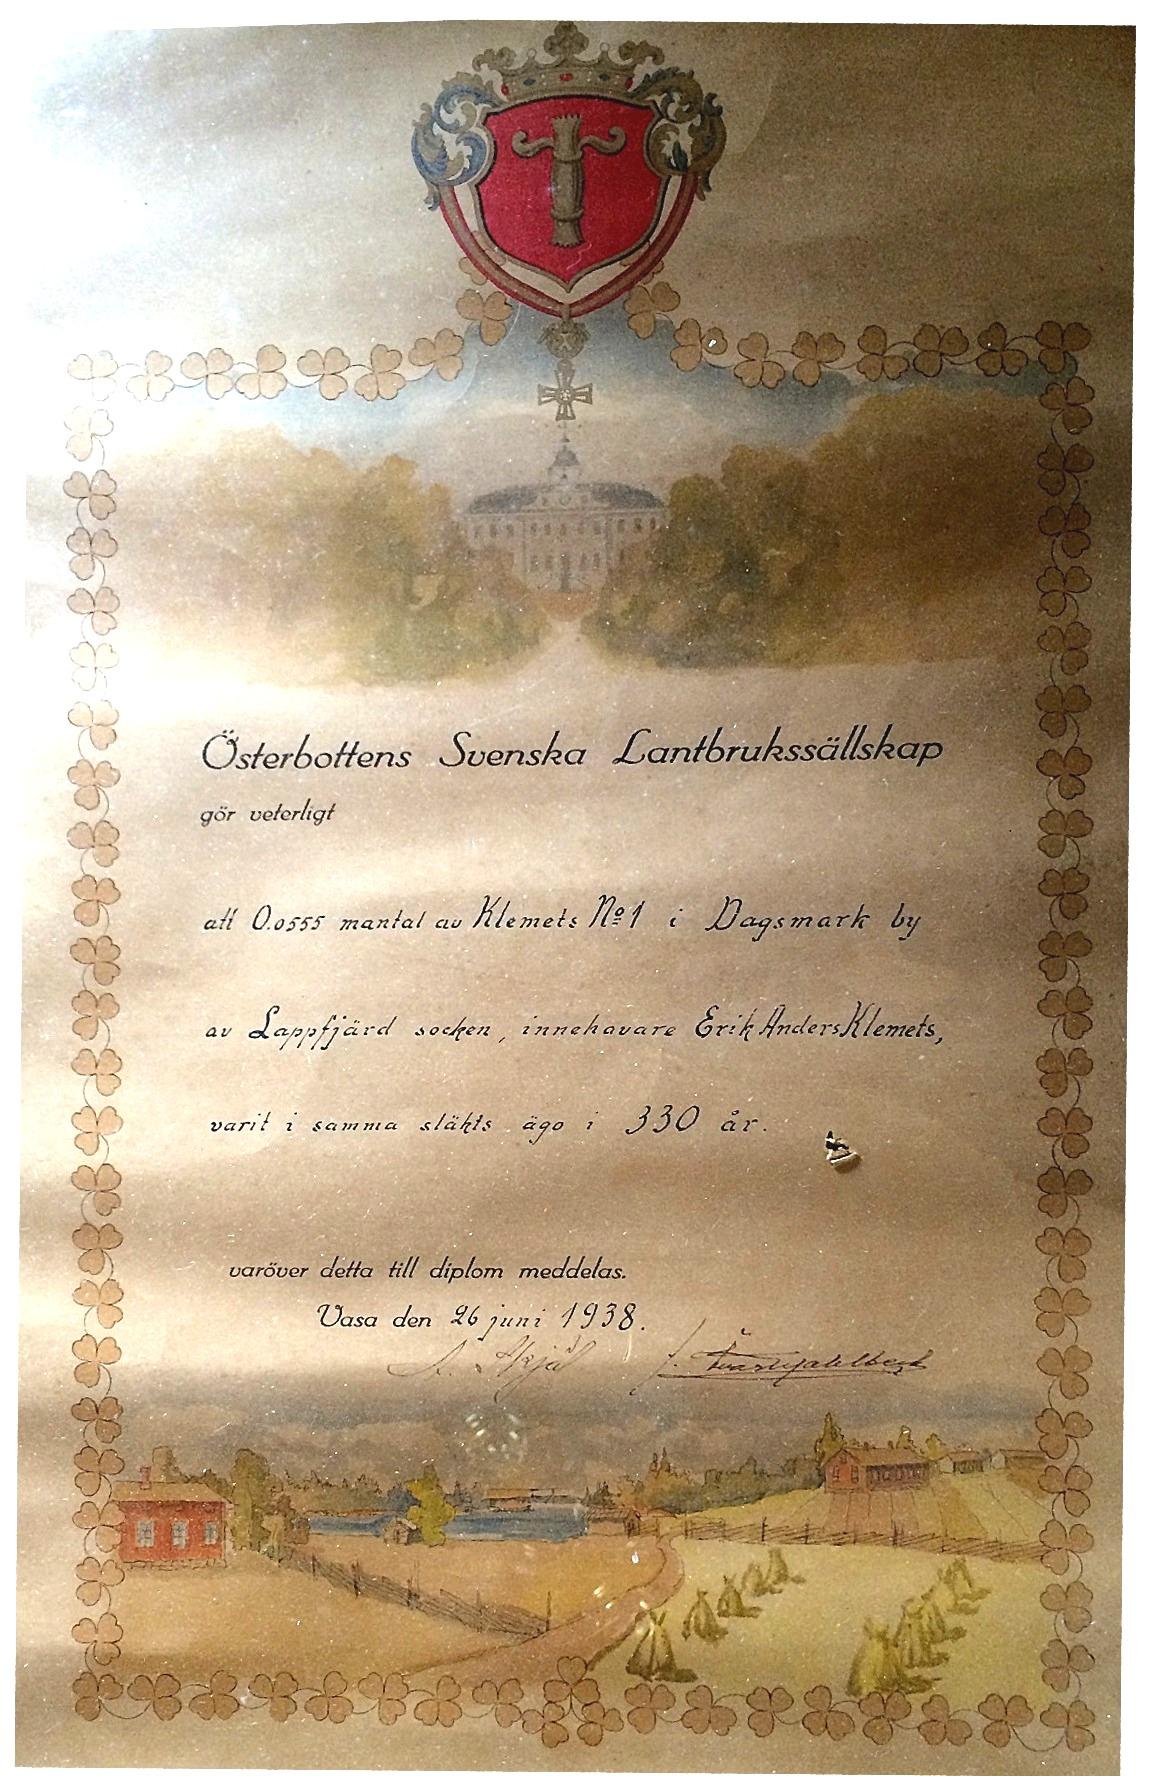 Det här stora diplomet fick Erik Anders Klemets på den stora lantbruksutställningen i Lappfjärd 1938. Gården hade då varit i samma släkts ägo i hela 330 år.